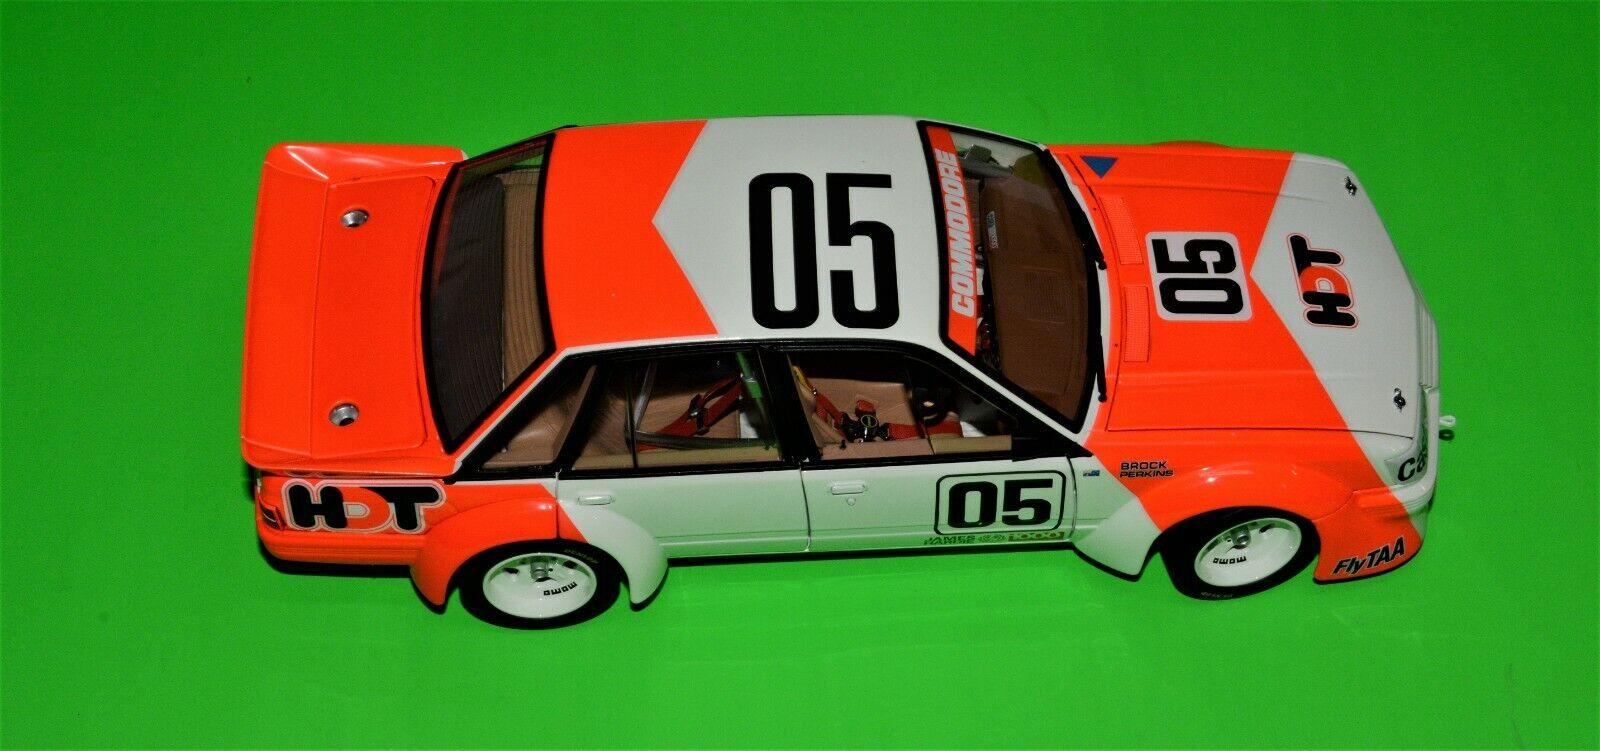 BROCK-PERKINS Holden VK Commodore 1984 BATTHURST Vinnare 1 18 113 av 15500